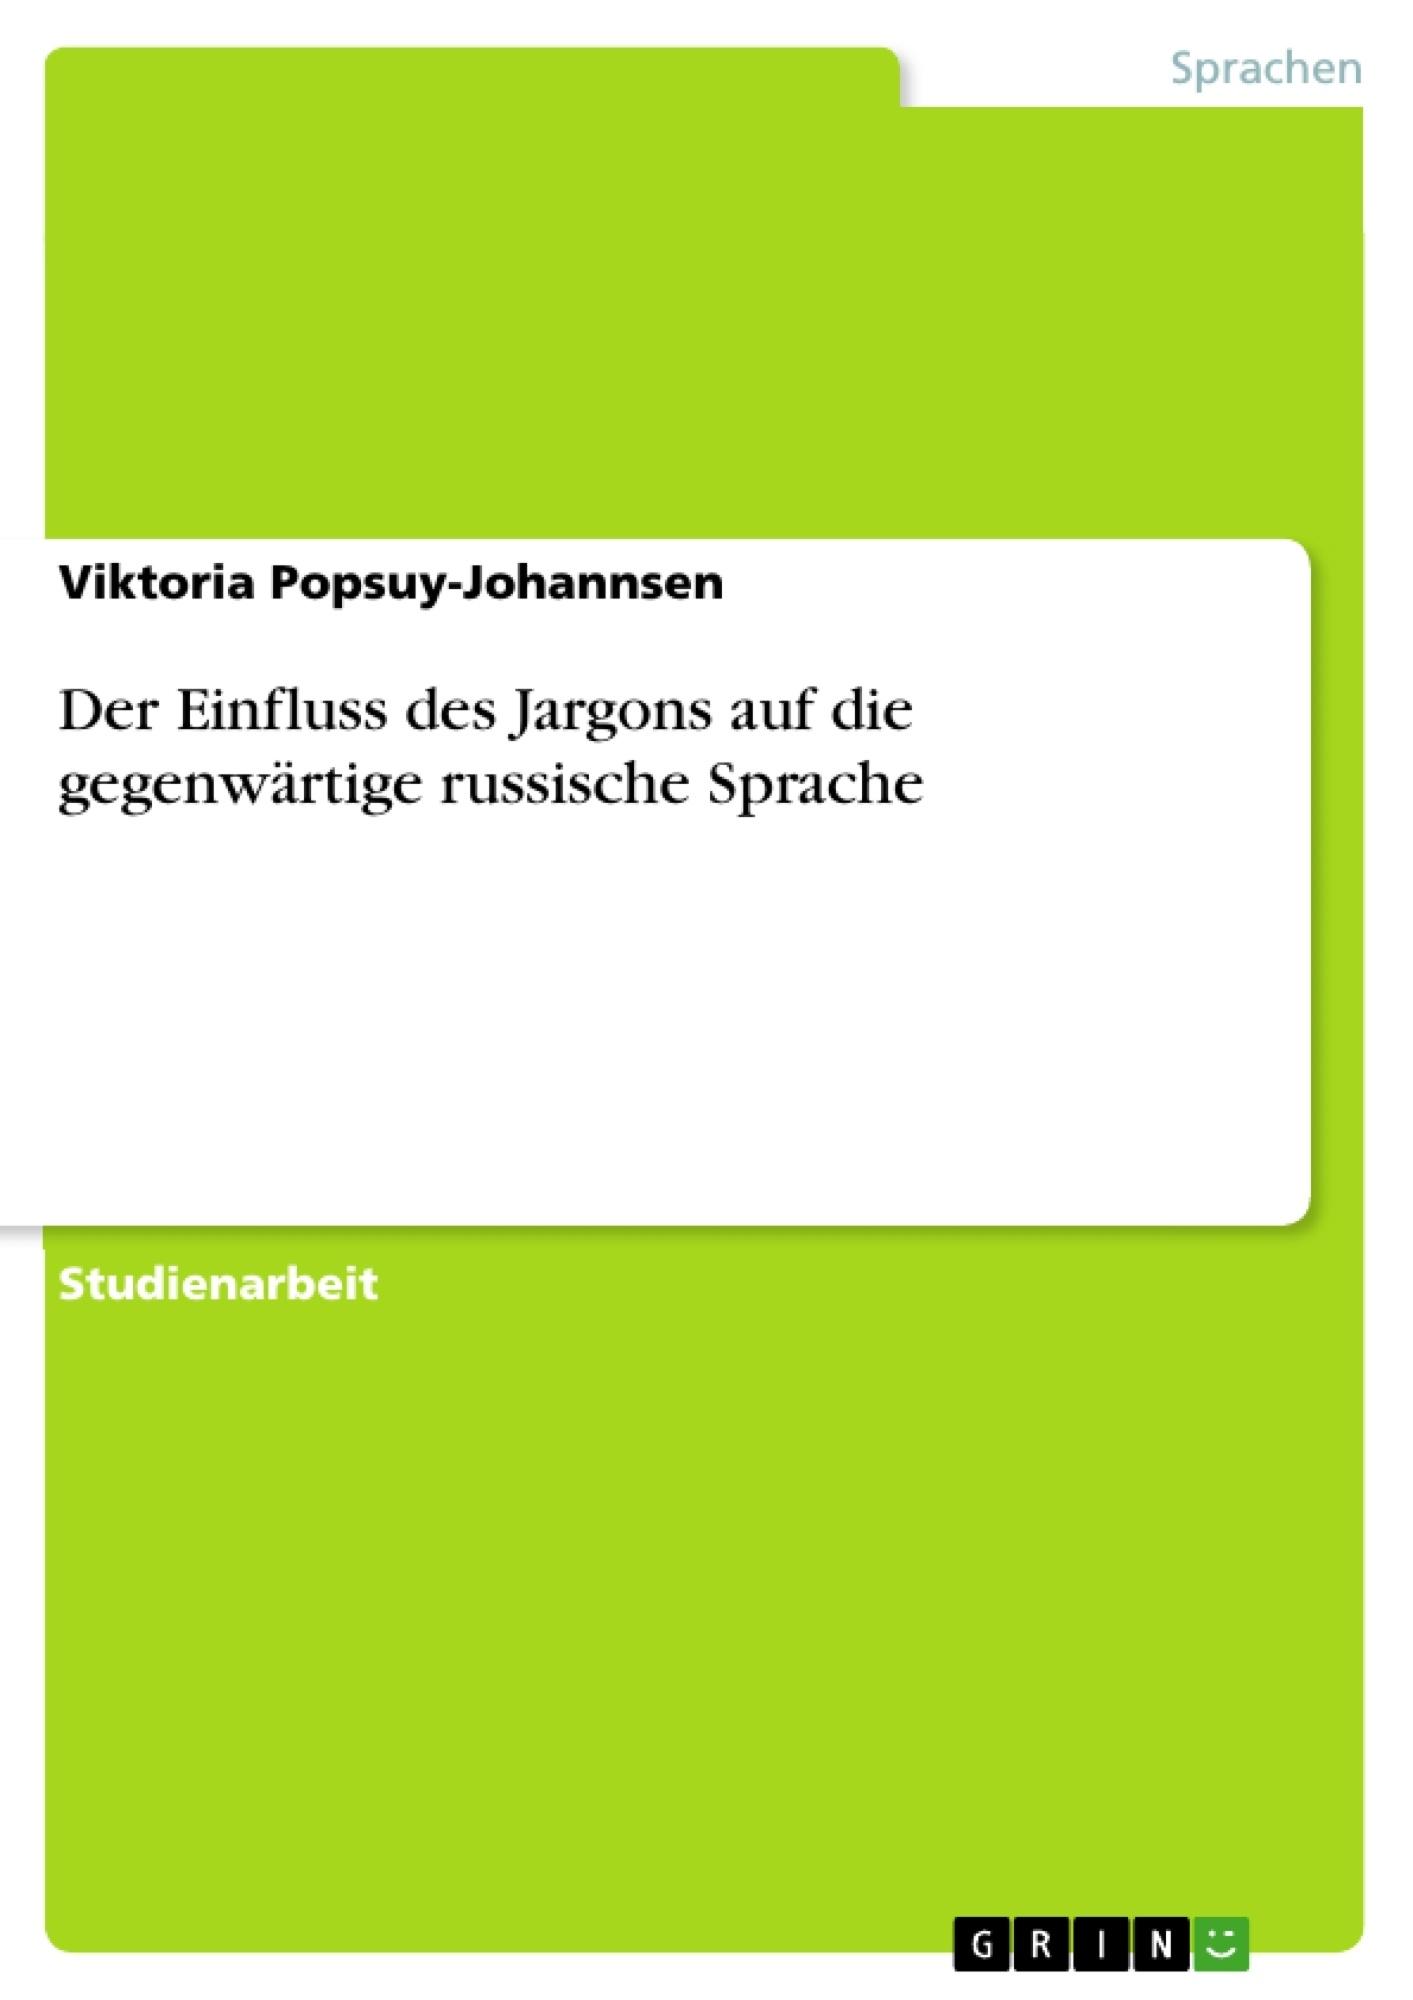 Titel: Der Einfluss des Jargons auf die gegenwärtige russische Sprache